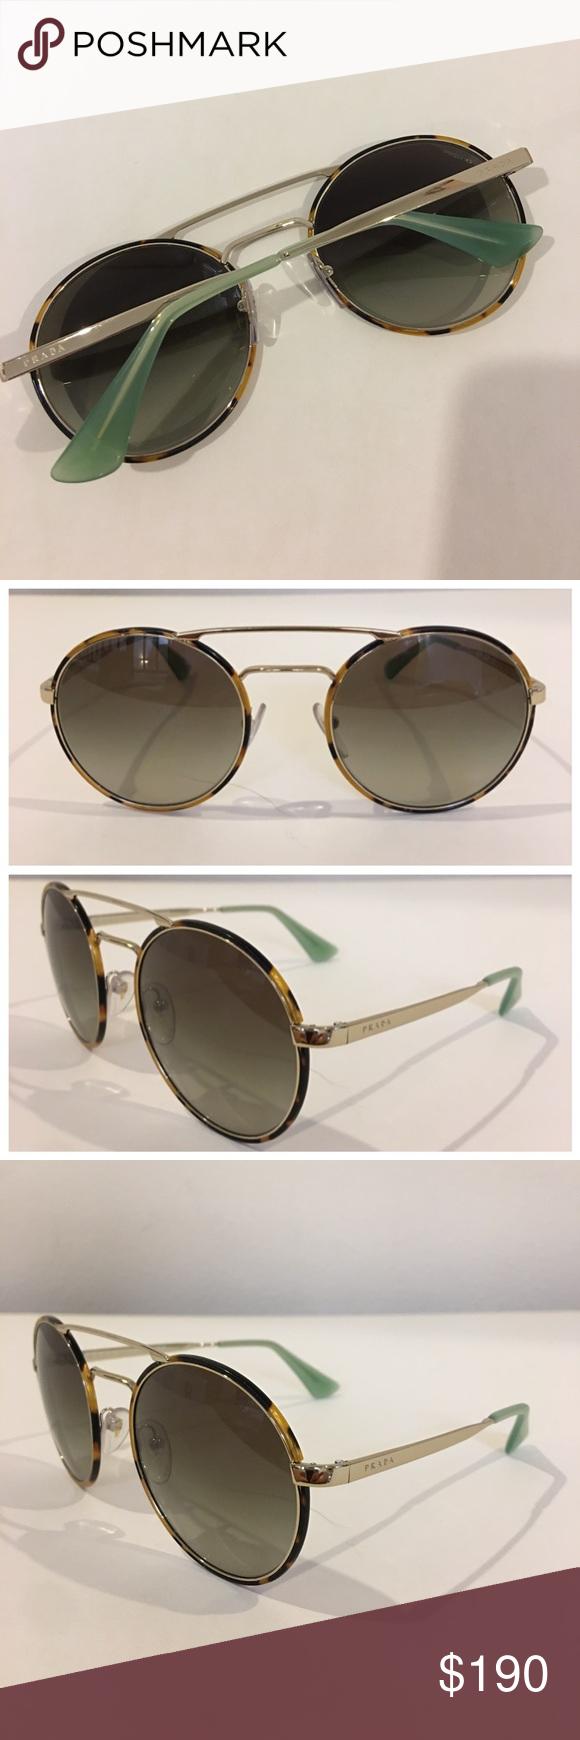 9e9ff5956c9 promo code for prada sunglasses green arms 709a6 68f5b